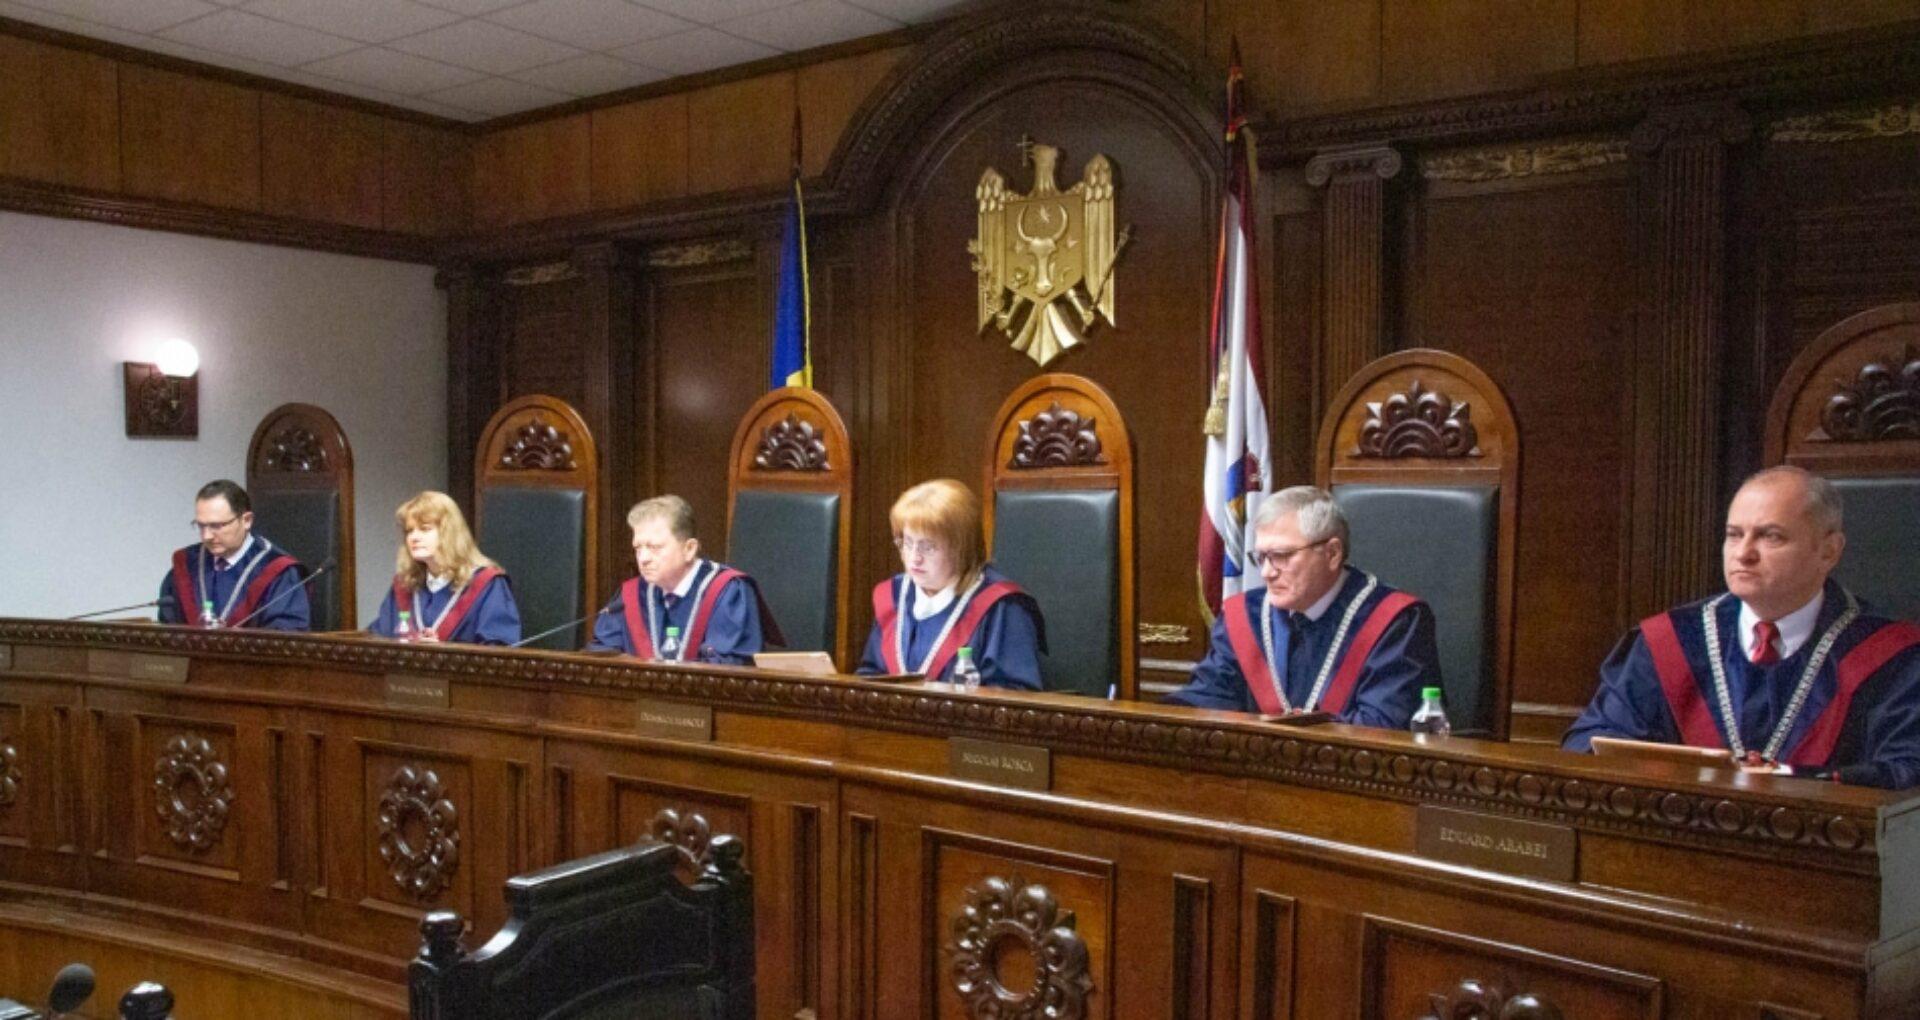 Domnica Manole a fost aleasă în calitate de Președinte al Curții Constituționale